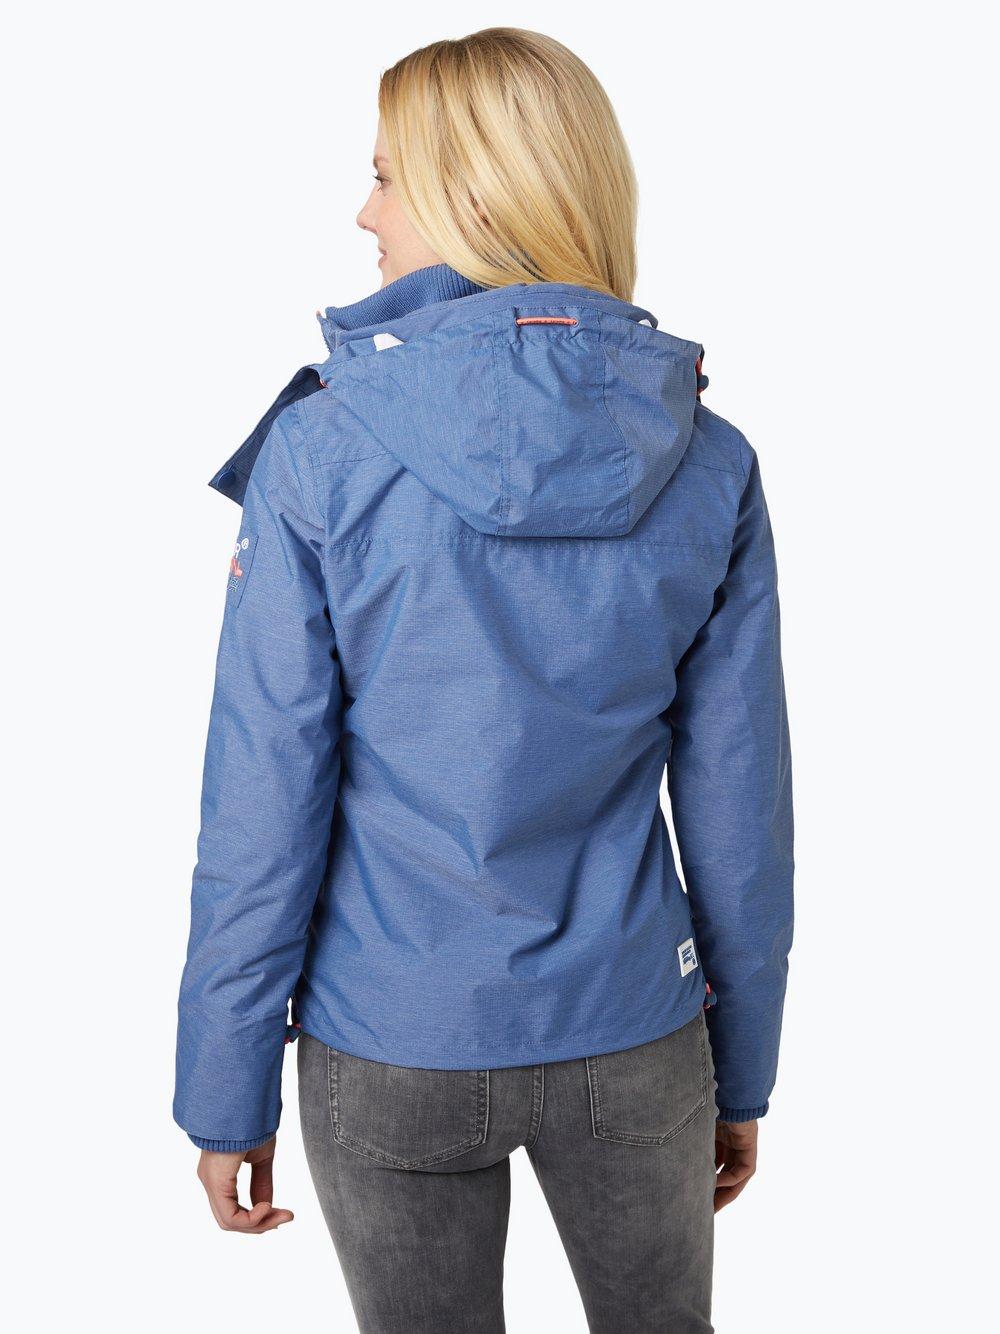 cheap for discount 0aa40 94146 Superdry Damen Jacke - Wind Yachter online kaufen | PEEK-UND ...